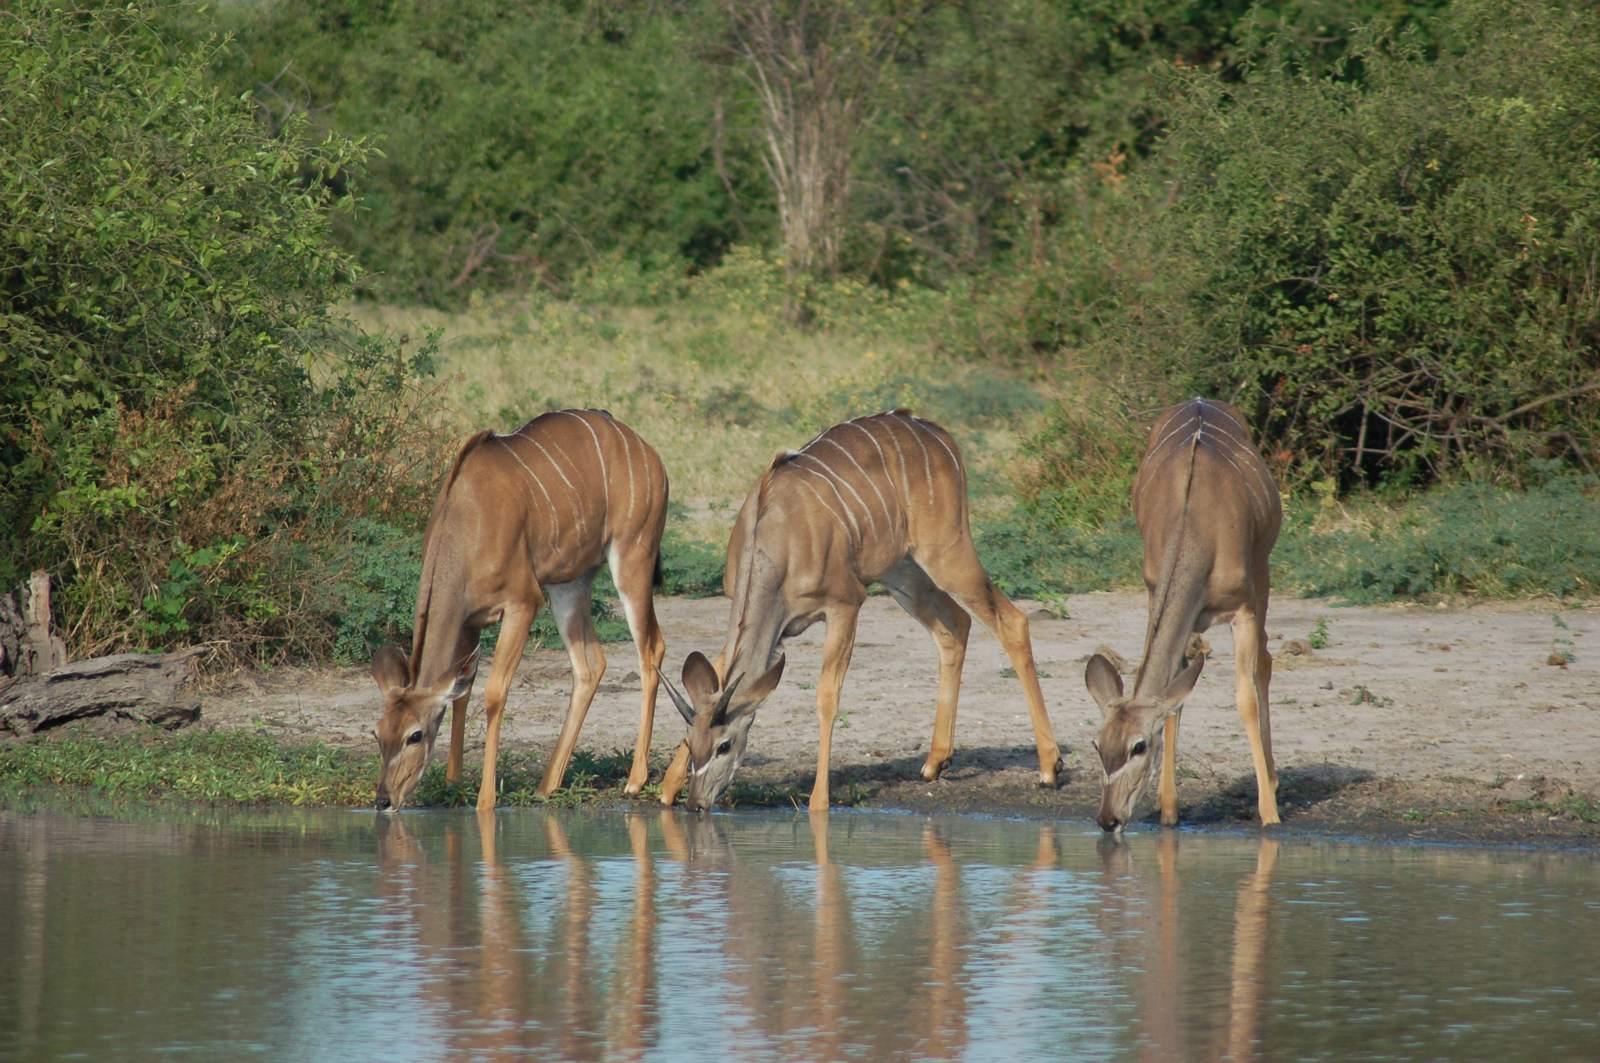 chobe riverfront10 Chobe Riverfront, Visit Botswana